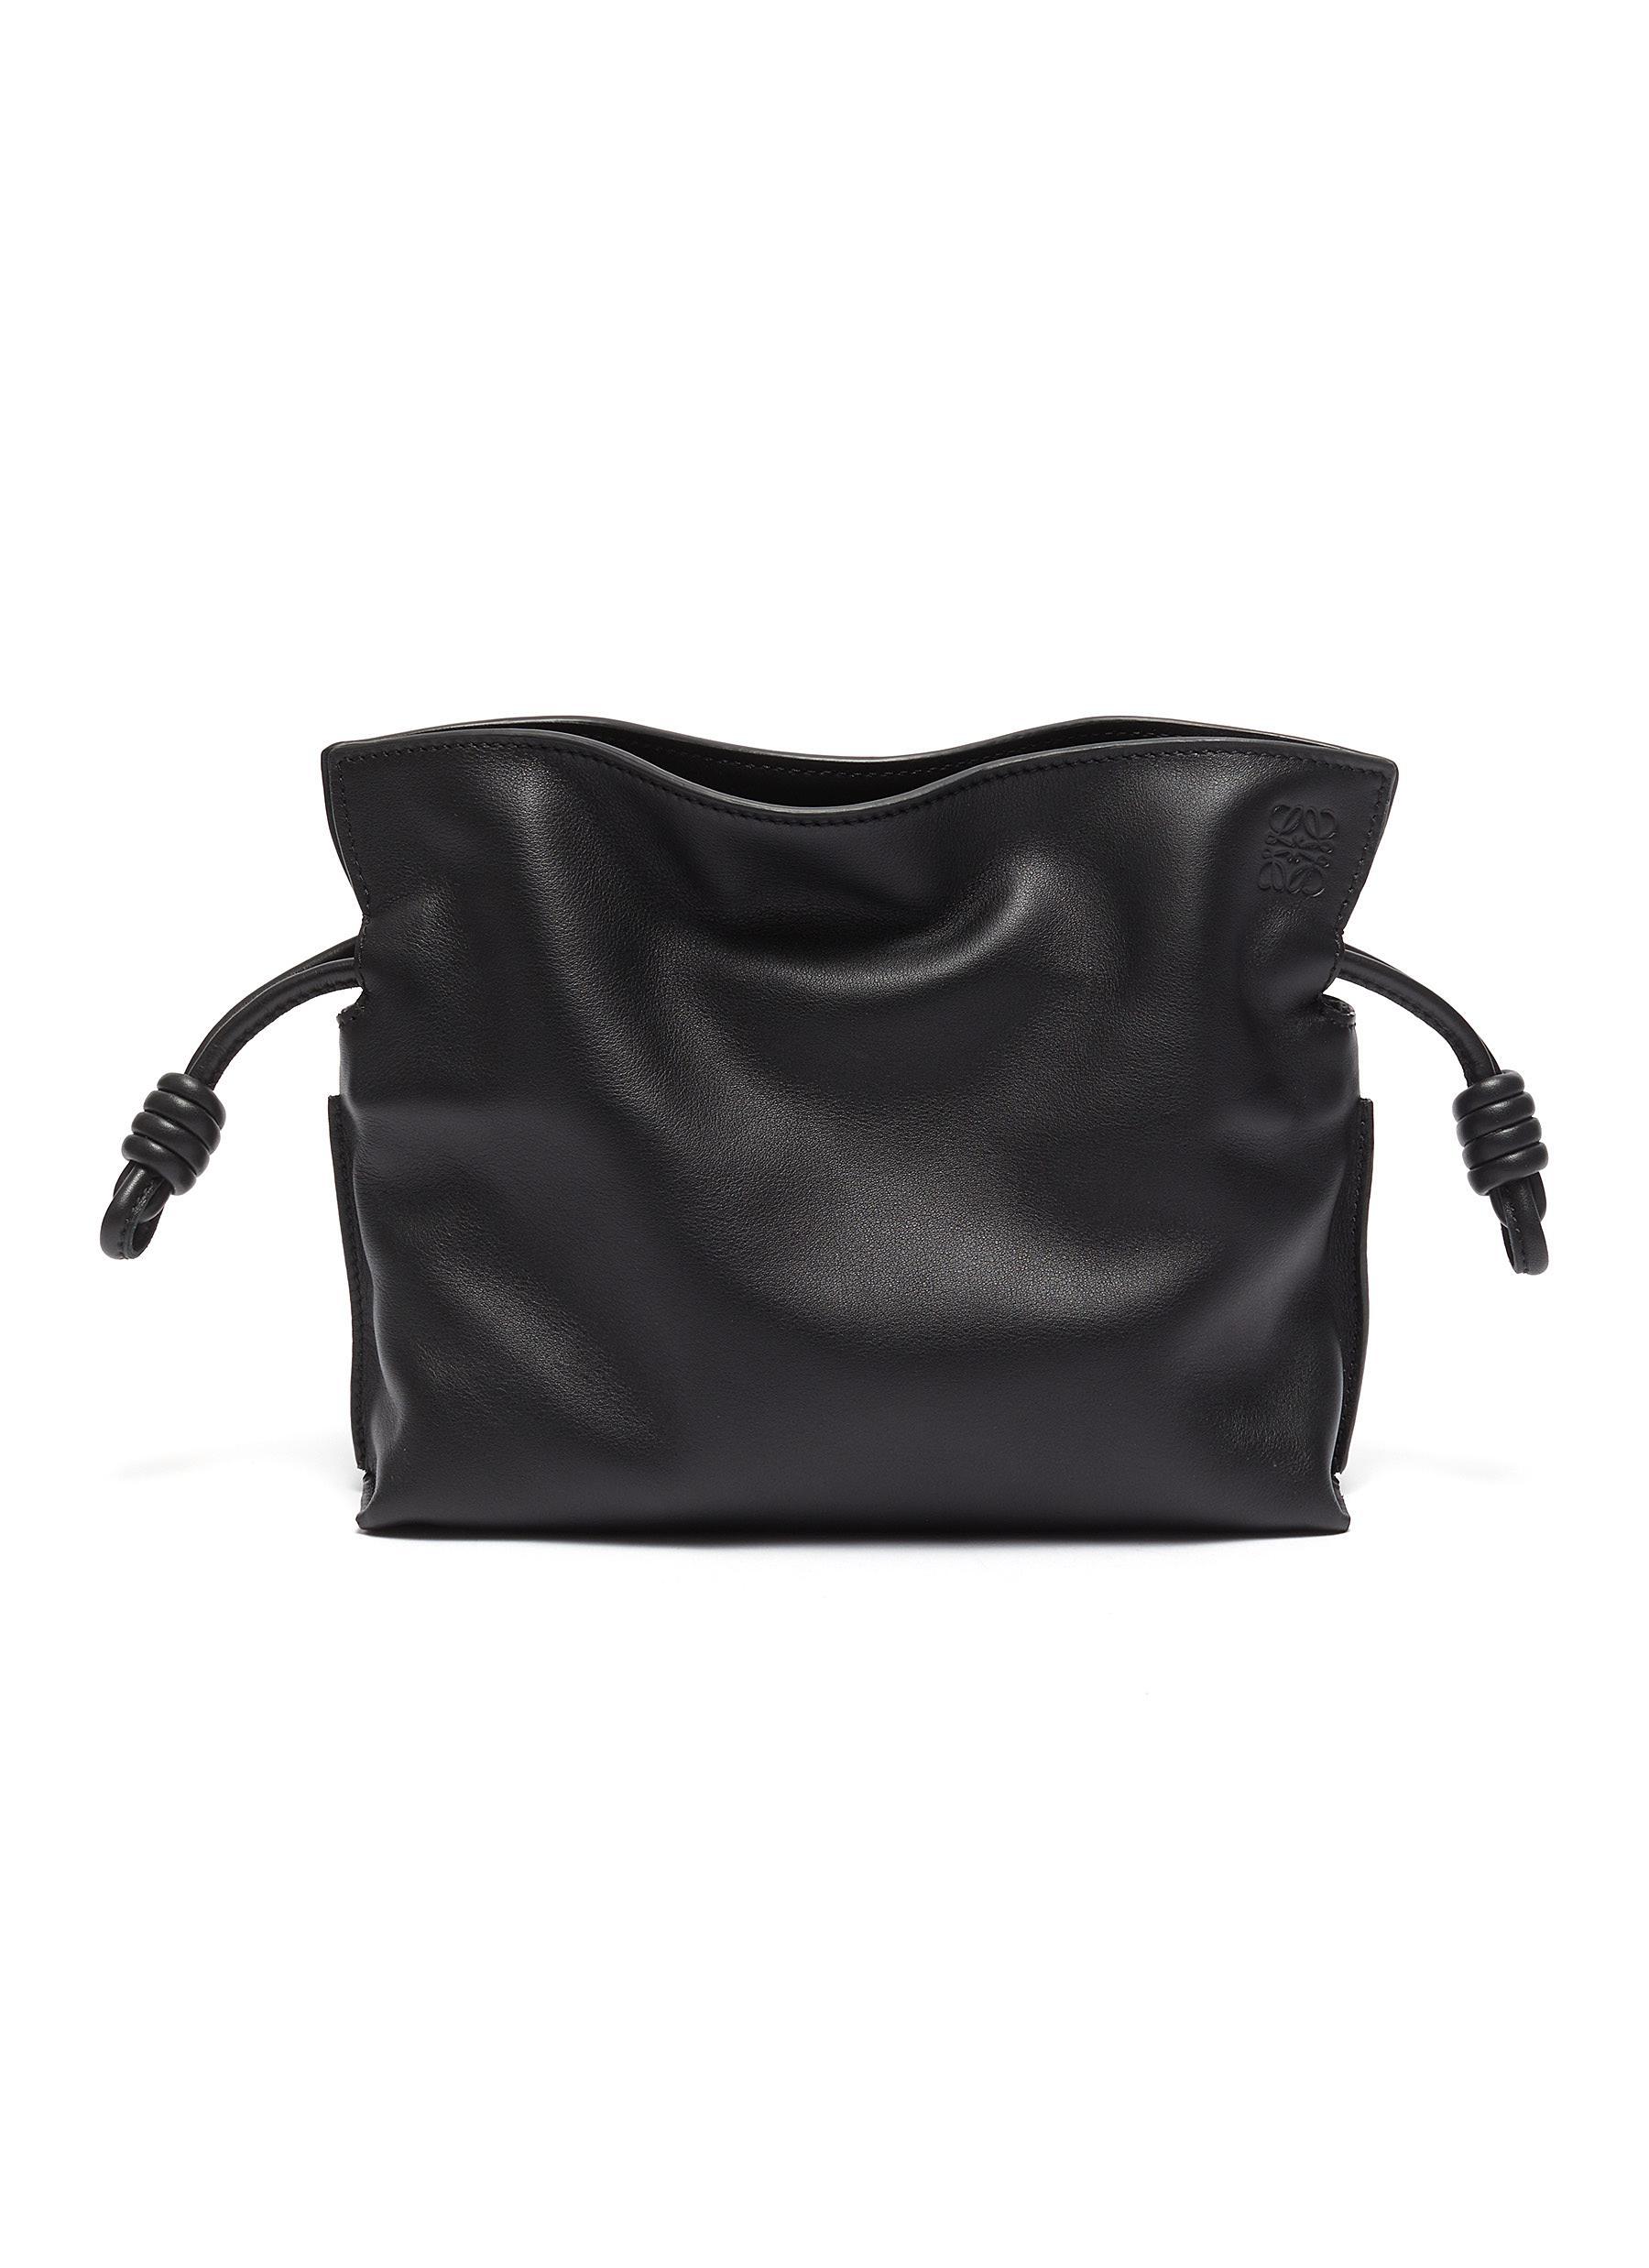 Flamenco' leather mini clutch